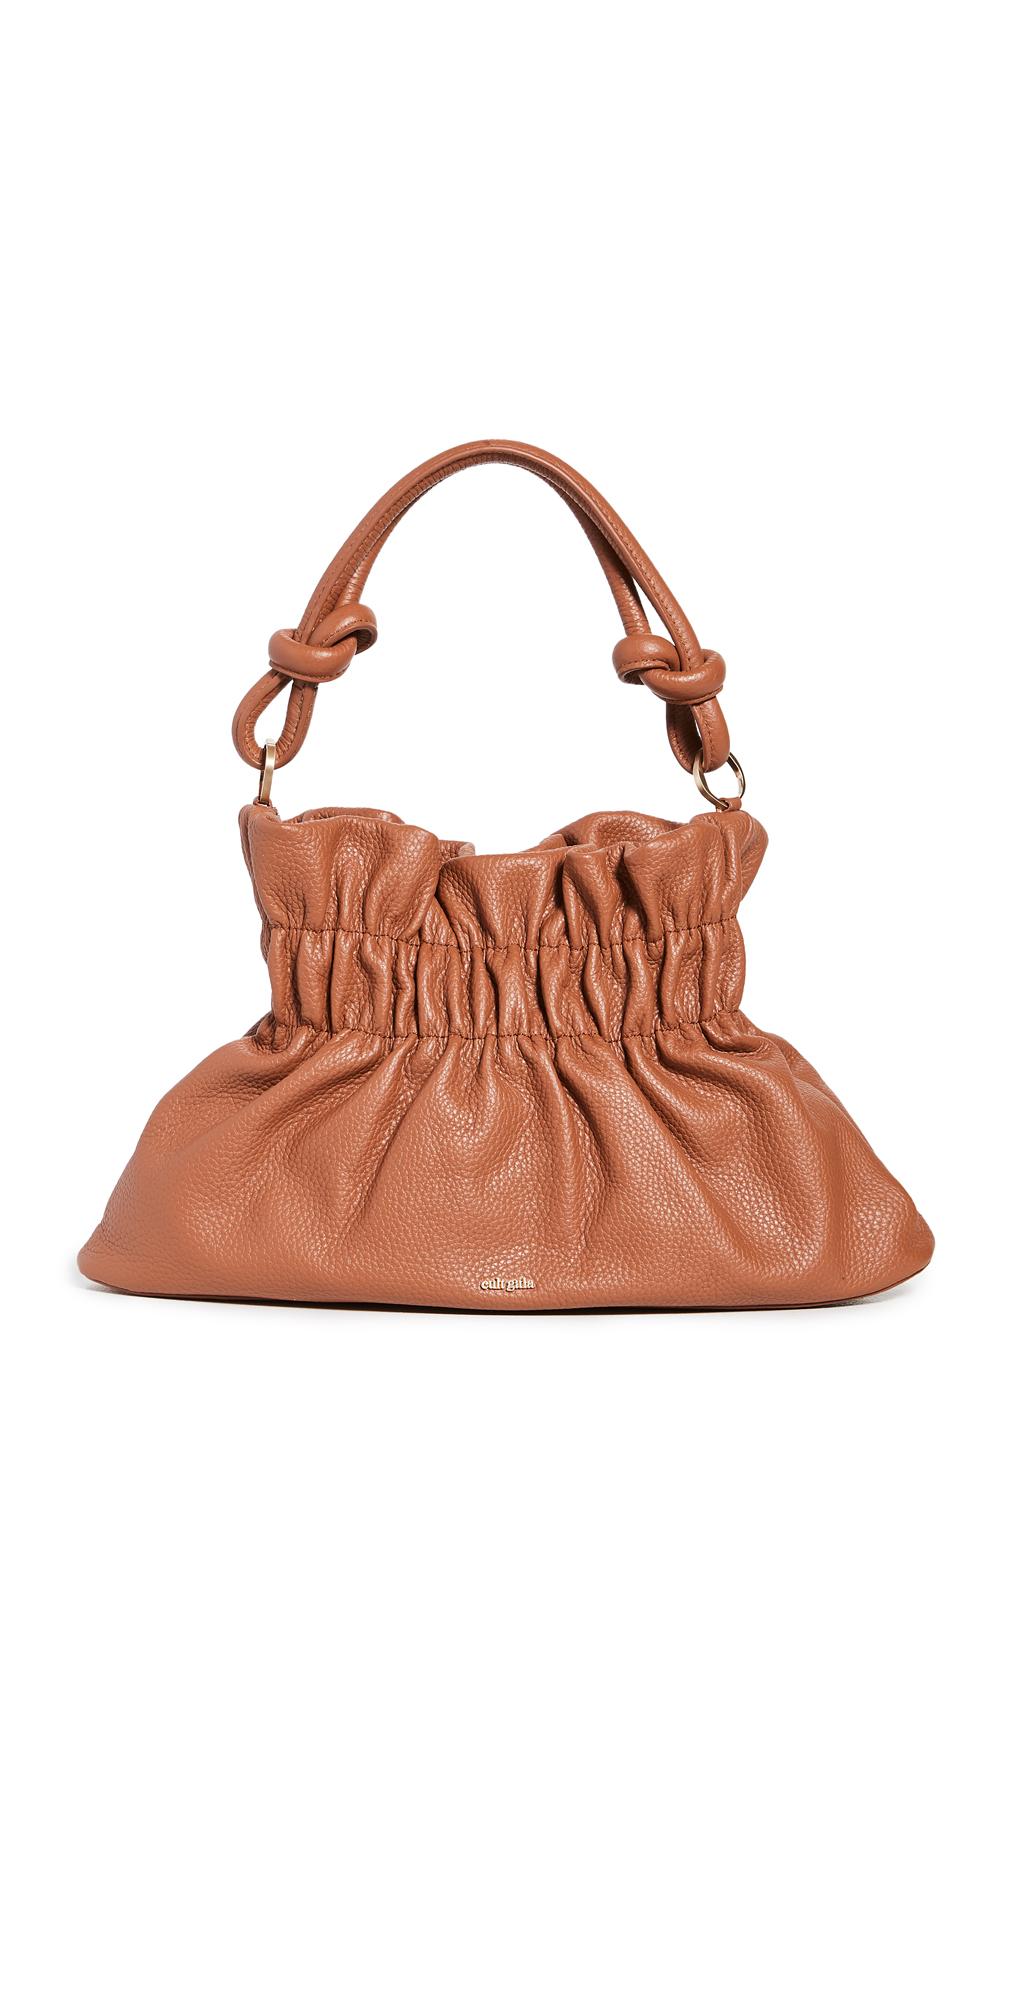 Cult Gaia Bara Shoulder Bag